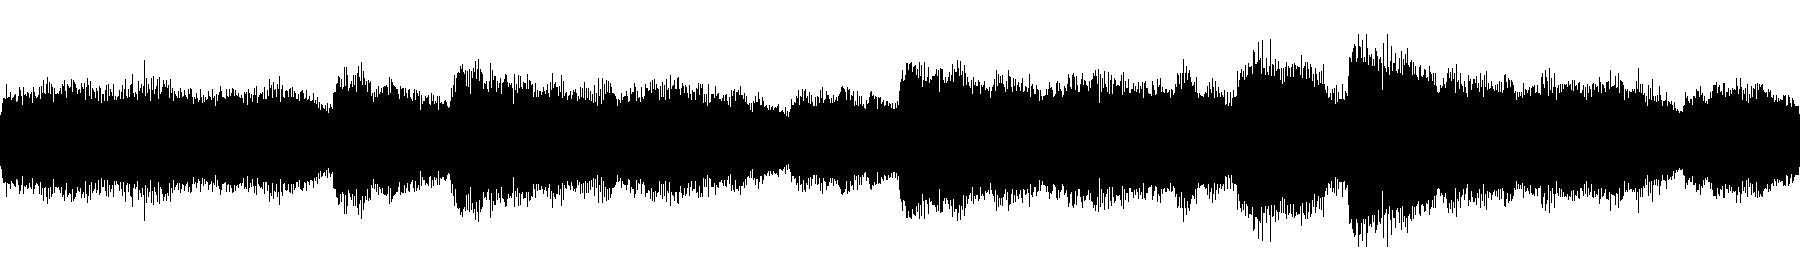 132909 piano strings 8 bar 140bpm 1 wav